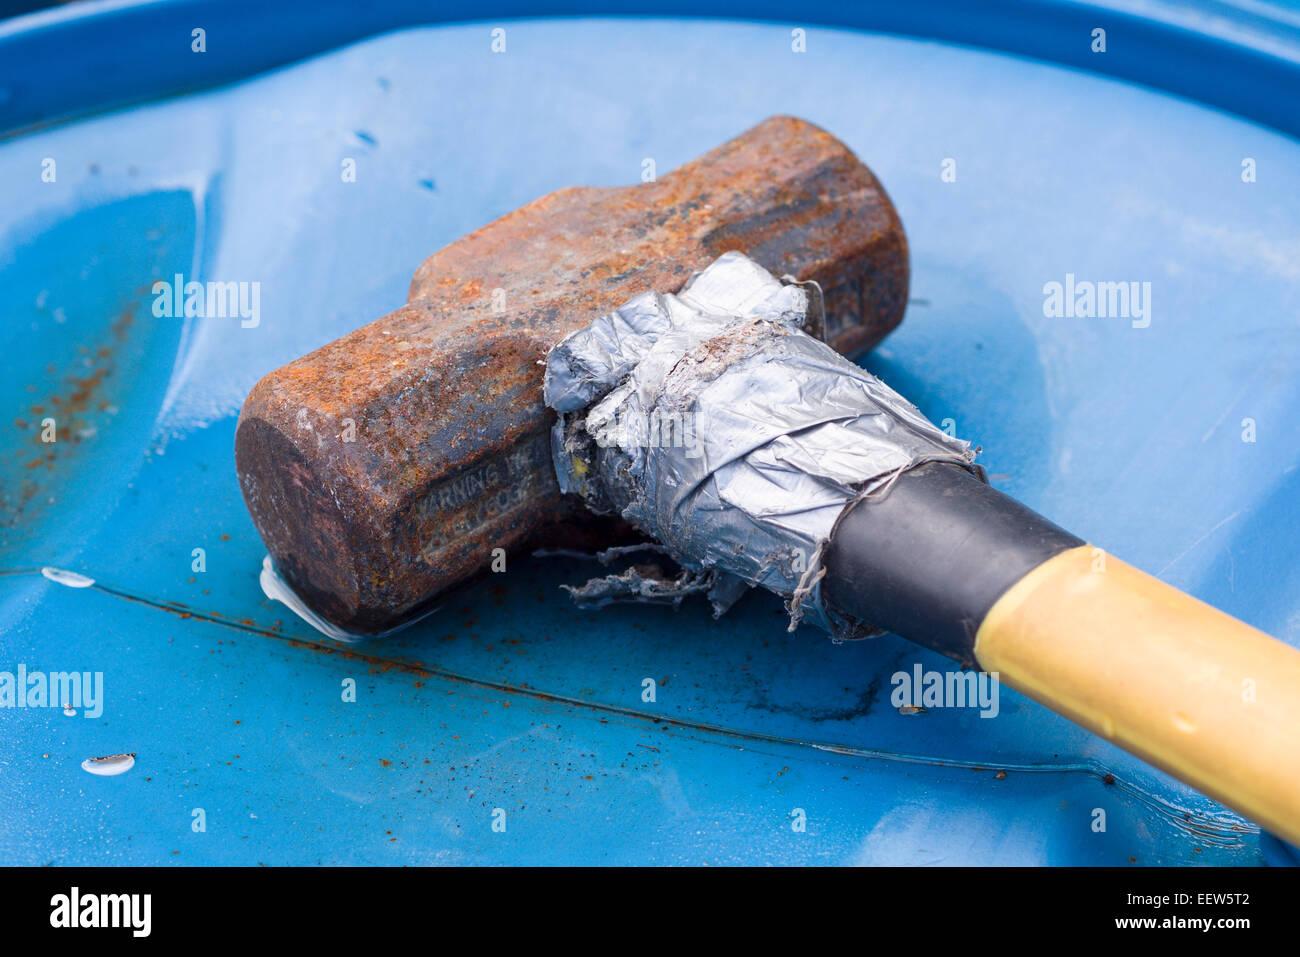 Rusty Maza fijada con cinta adhesiva. Un trineo oxidado descansa sobre un barril de plástico azul. Su asa reparado Imagen De Stock